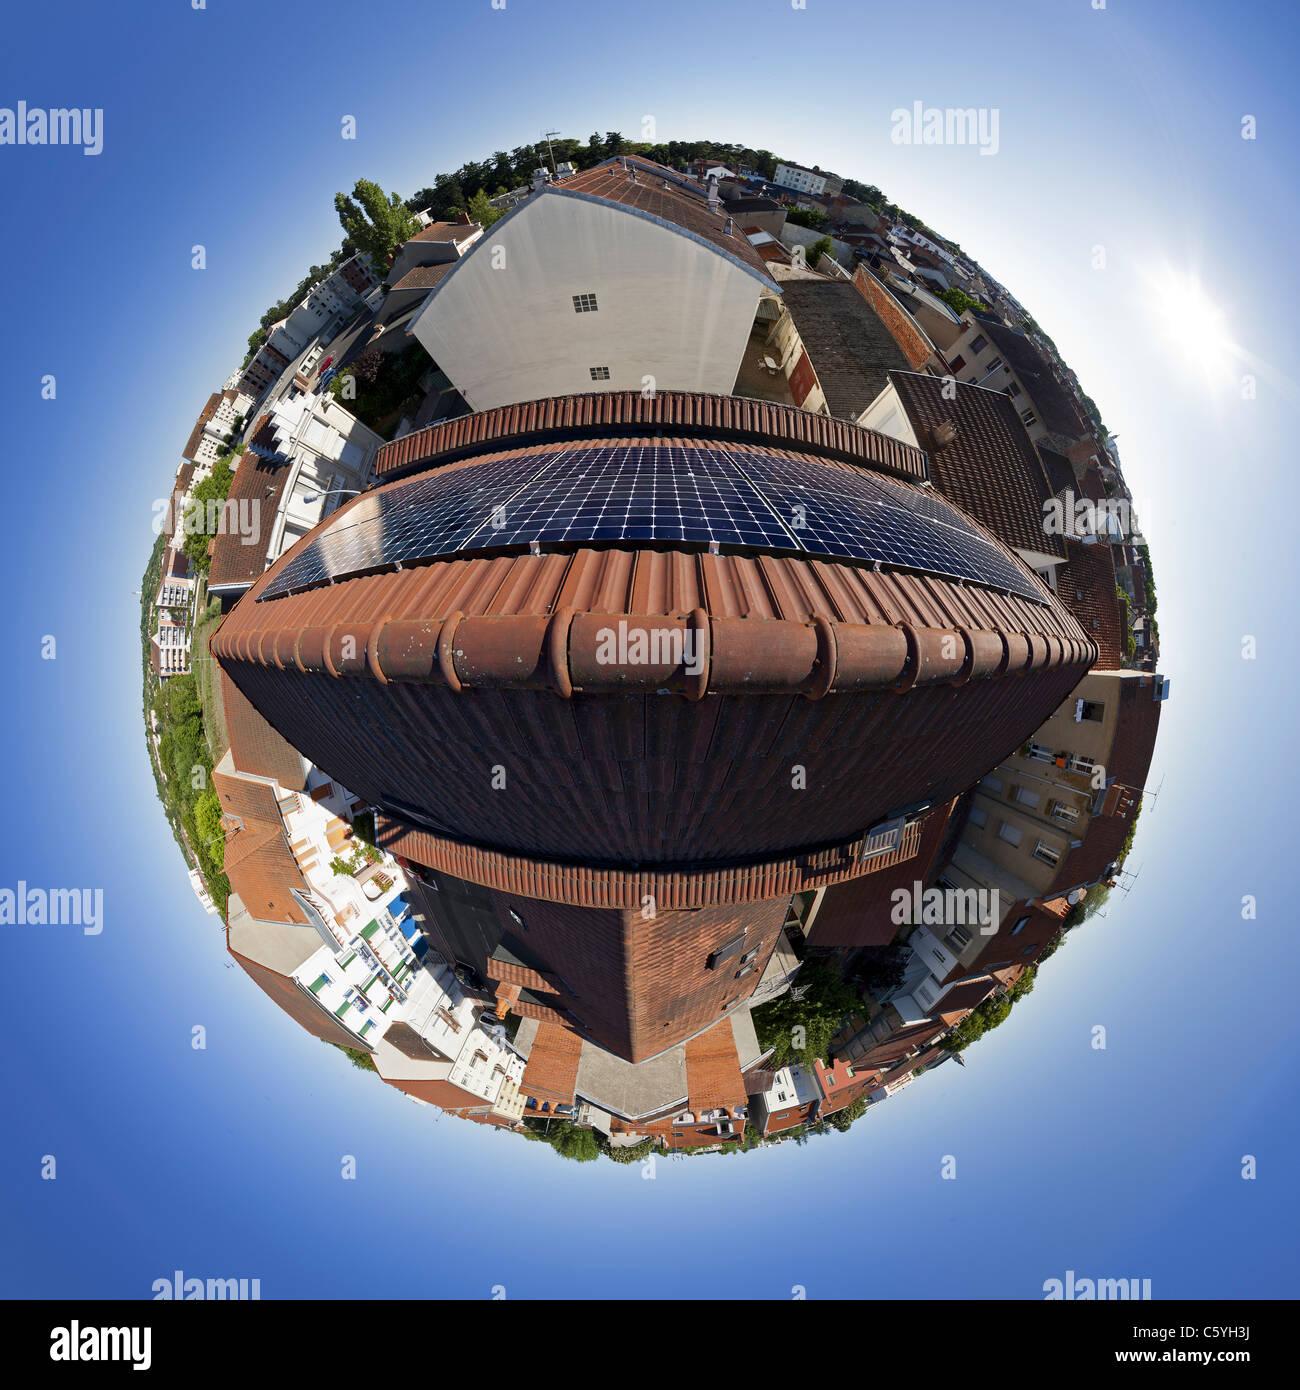 Des panneaux solaires photovoltaïques sur le toit d'une maison privée. Vue Fisheye 360°. Photo Stock